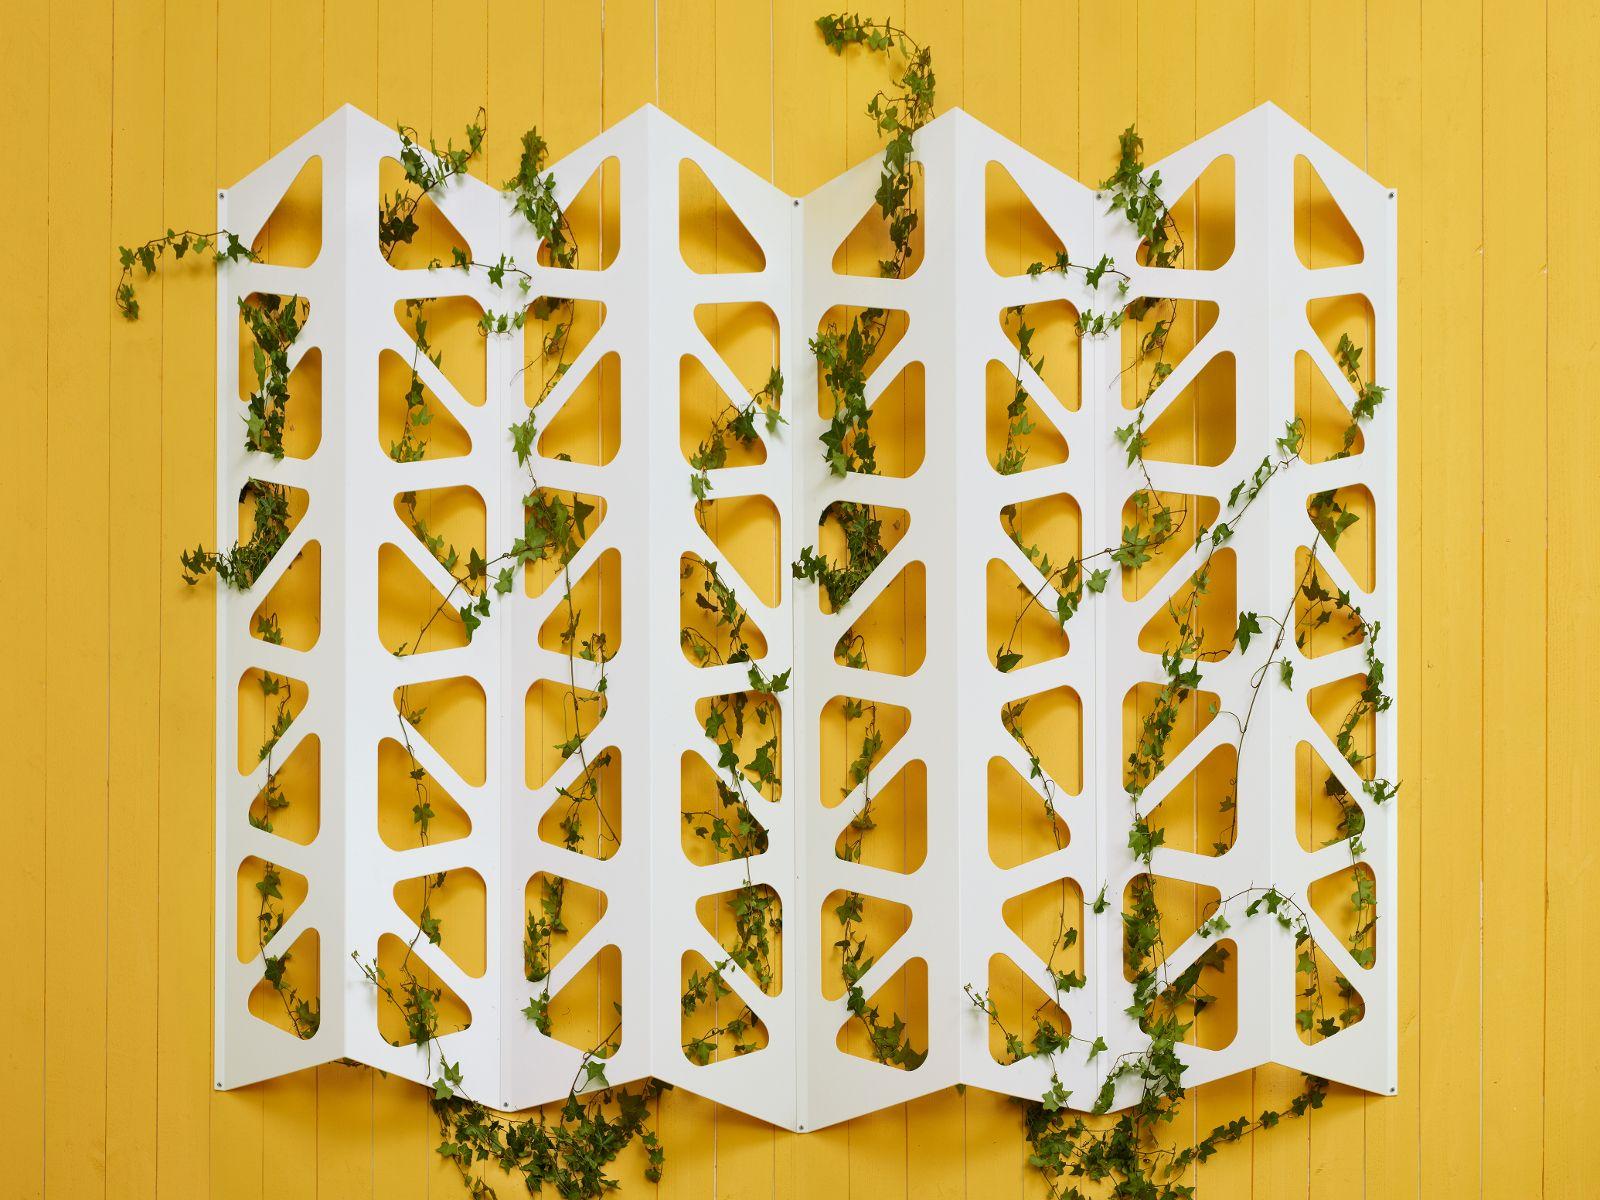 grade de jardim vertical : grade de jardim vertical:Trellis Design